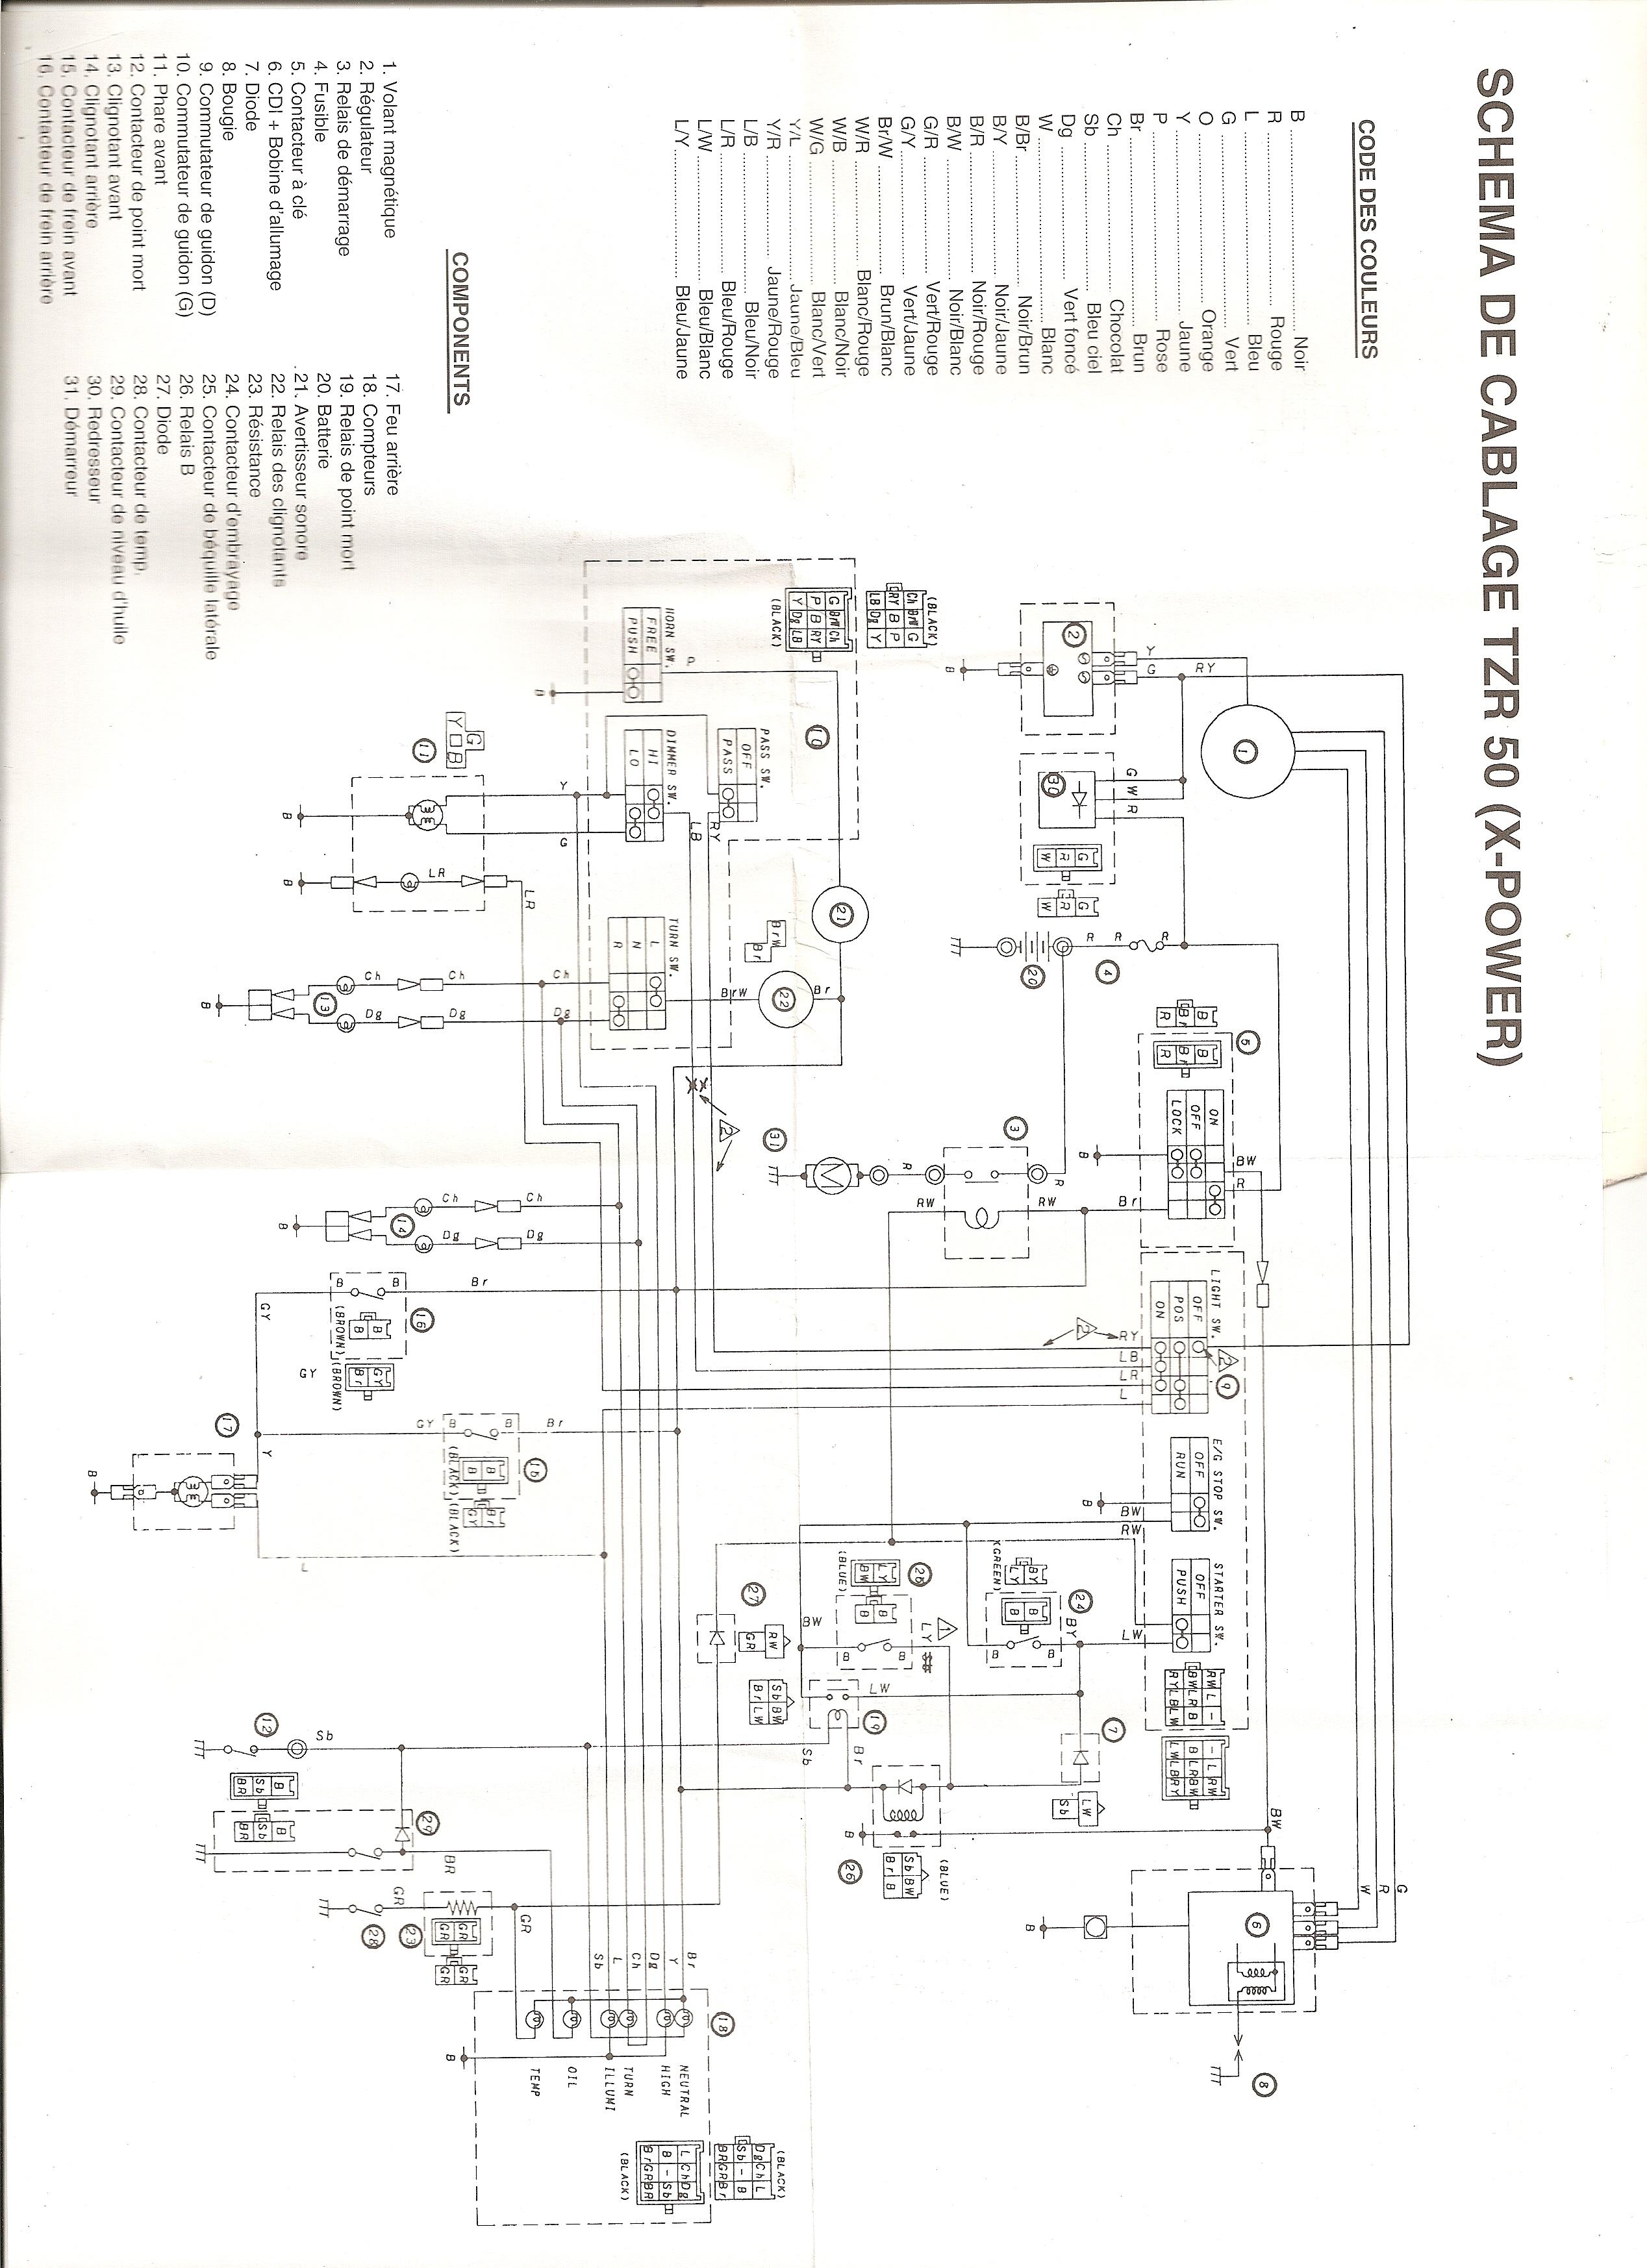 Schemi Elettrici Hi Fi : Schema impianto elettrico tzr 50 2007 elettronica moto 50 cc